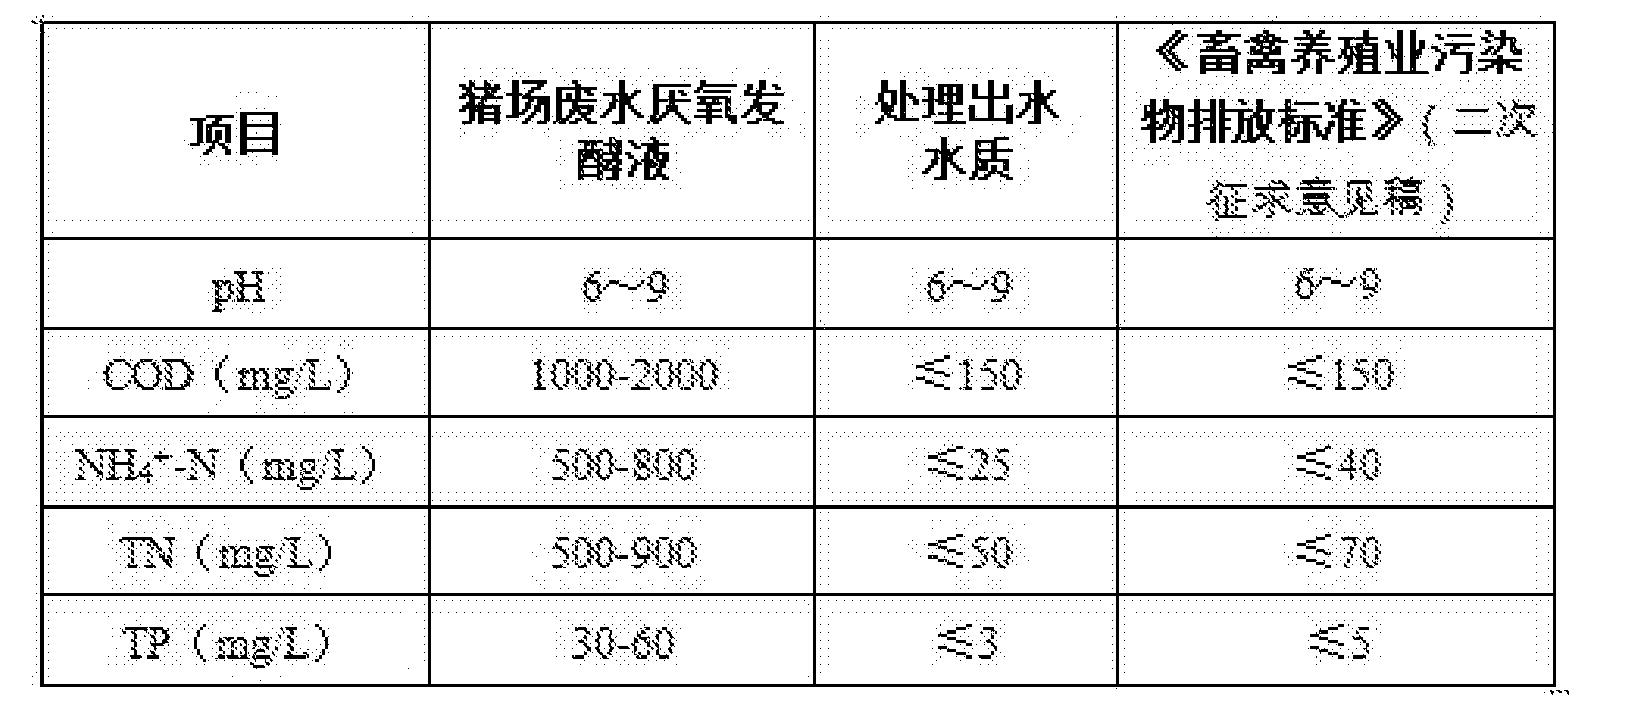 Figure CN104961305BD00051